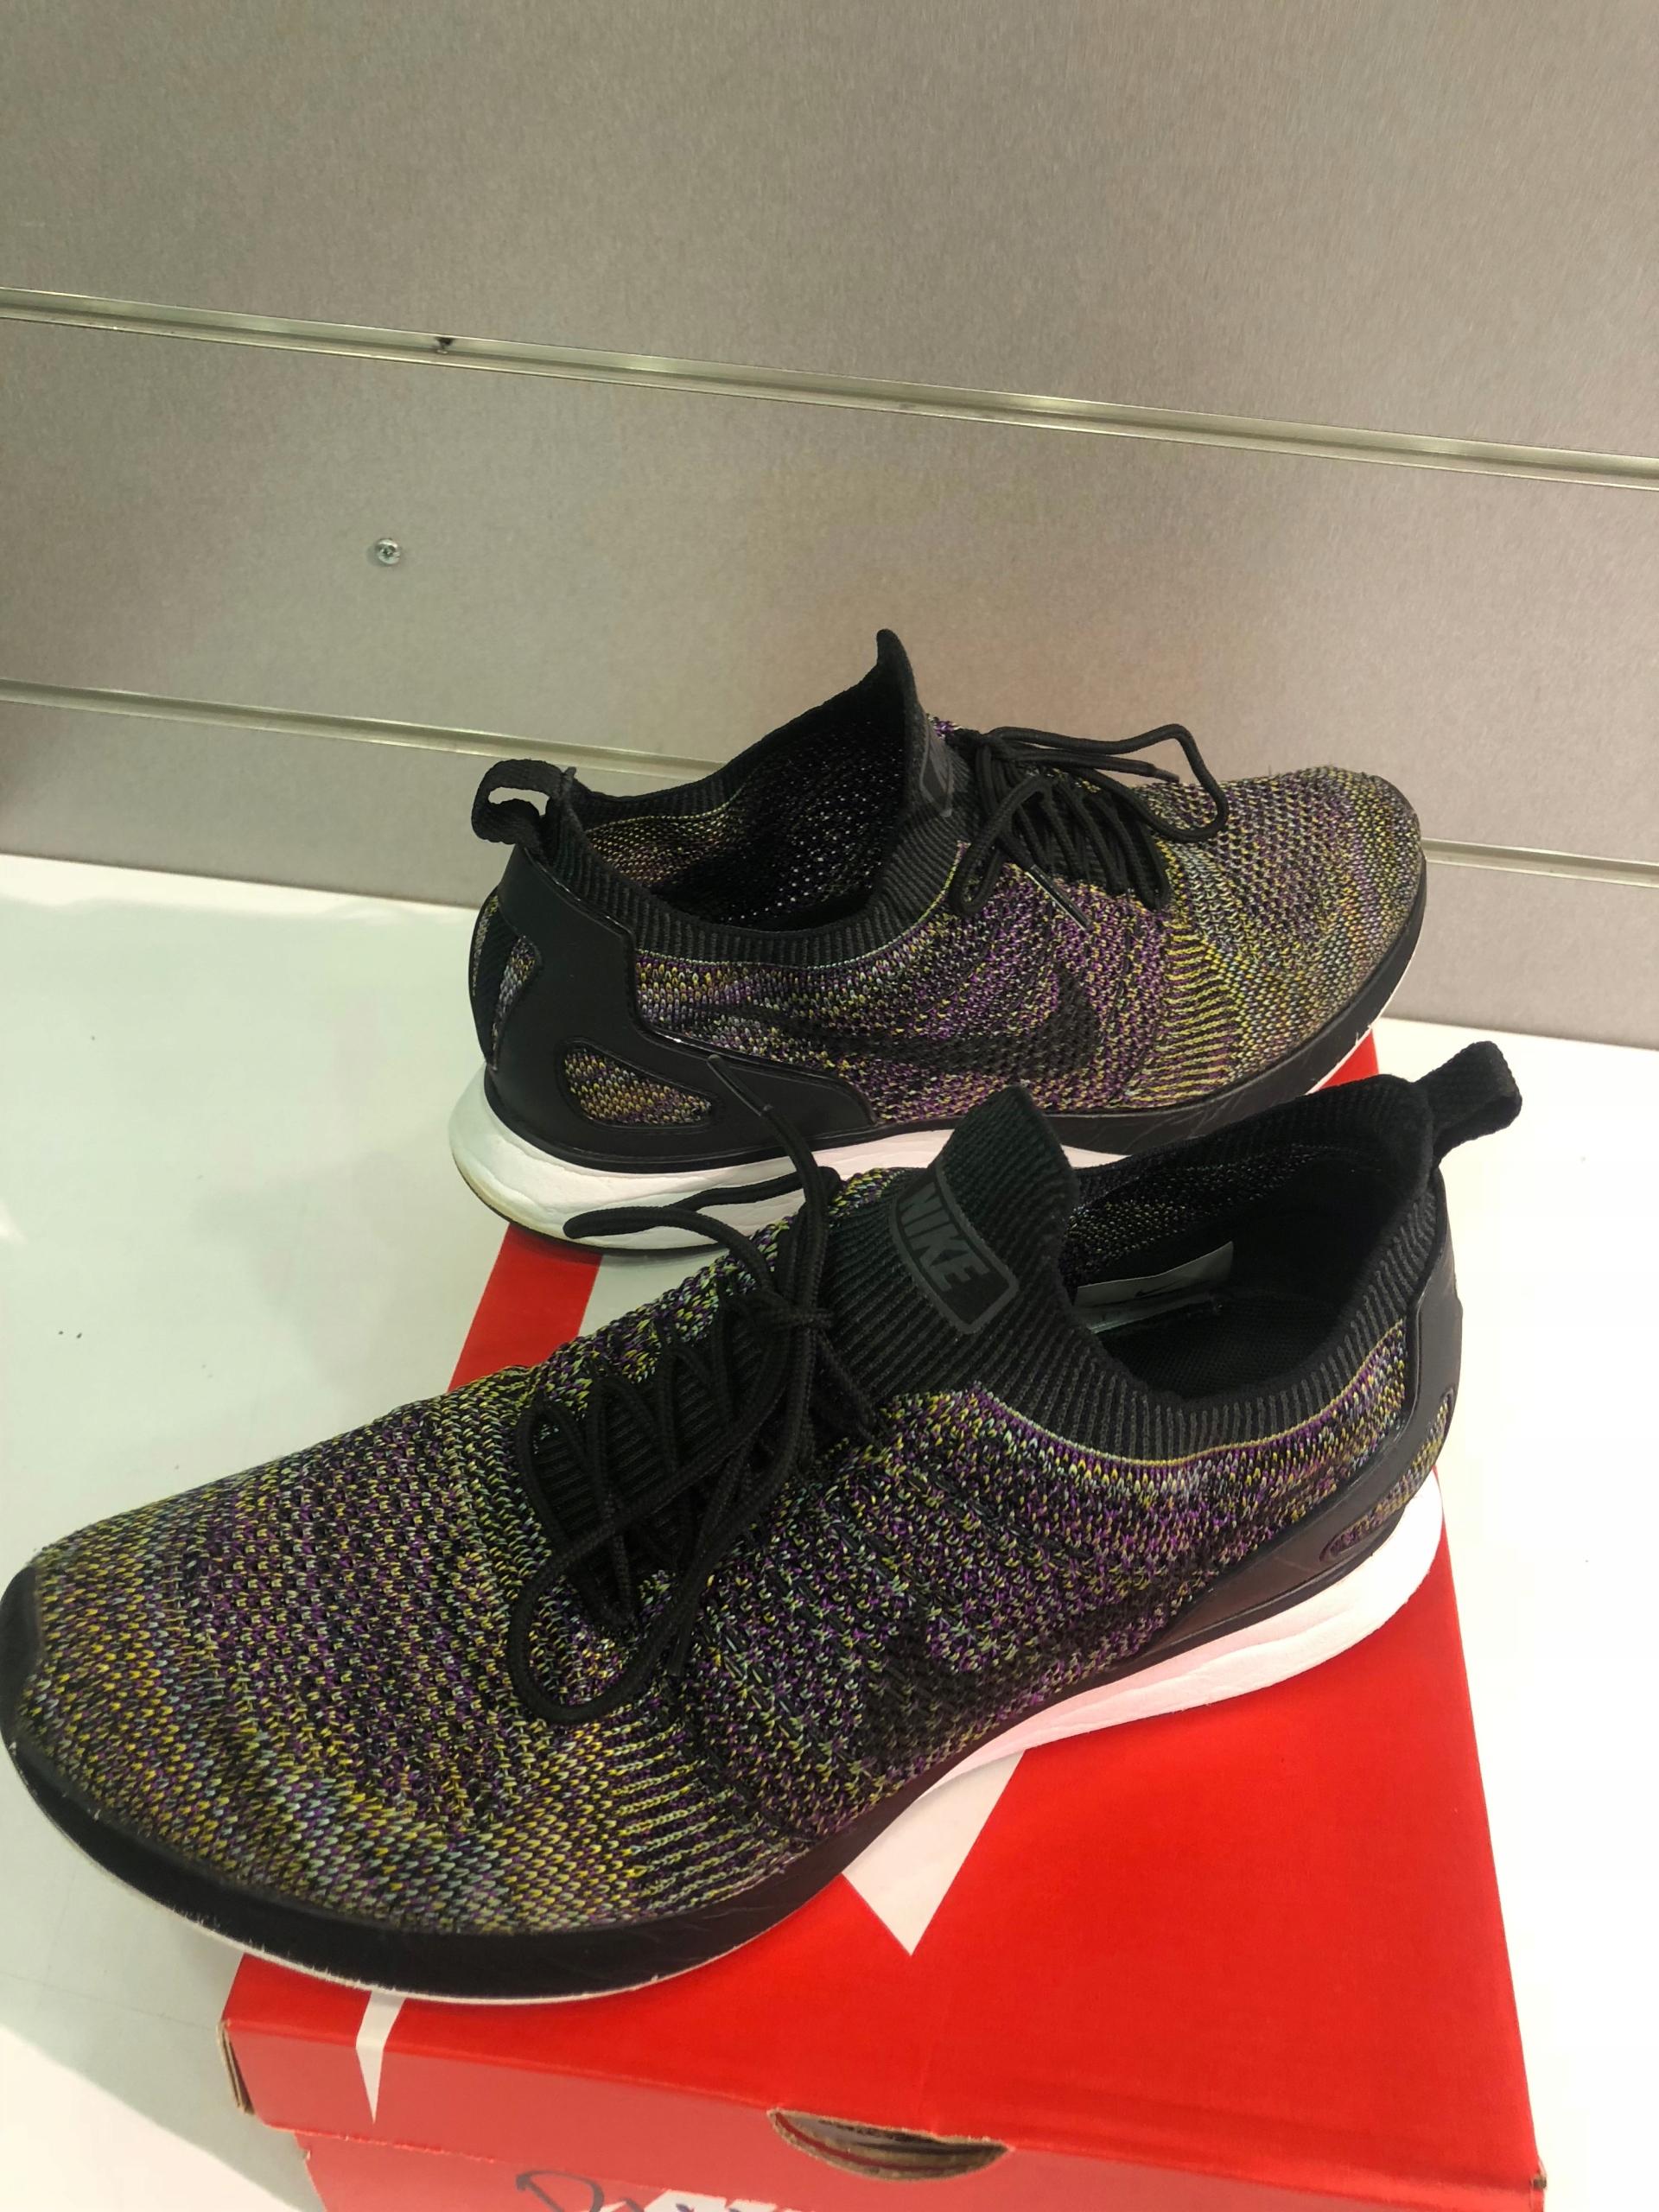 sprzedaż uk sprawdzić ładne buty Buty Nike Air Zoom Mariah Flyknit Racer R. 45